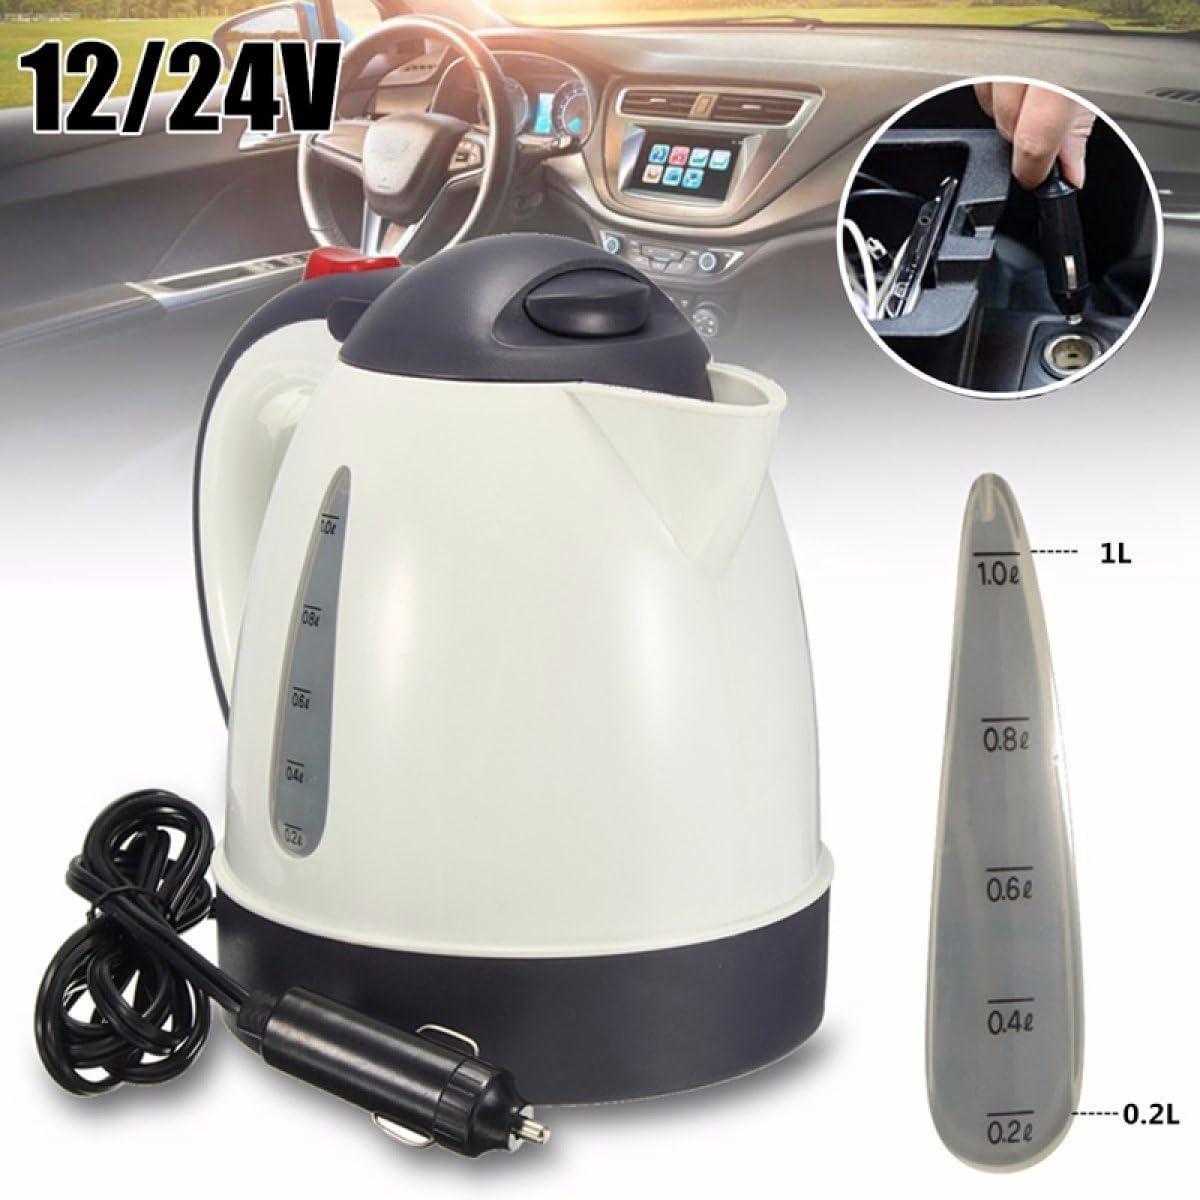 Blanc, 12V Voiture Chaude Bouilloire Portable 1000 ML Chauffe-Eau Voyage Auto 12 V Pour Th/é Caf/é En Grande Capacit/é V/éhicule